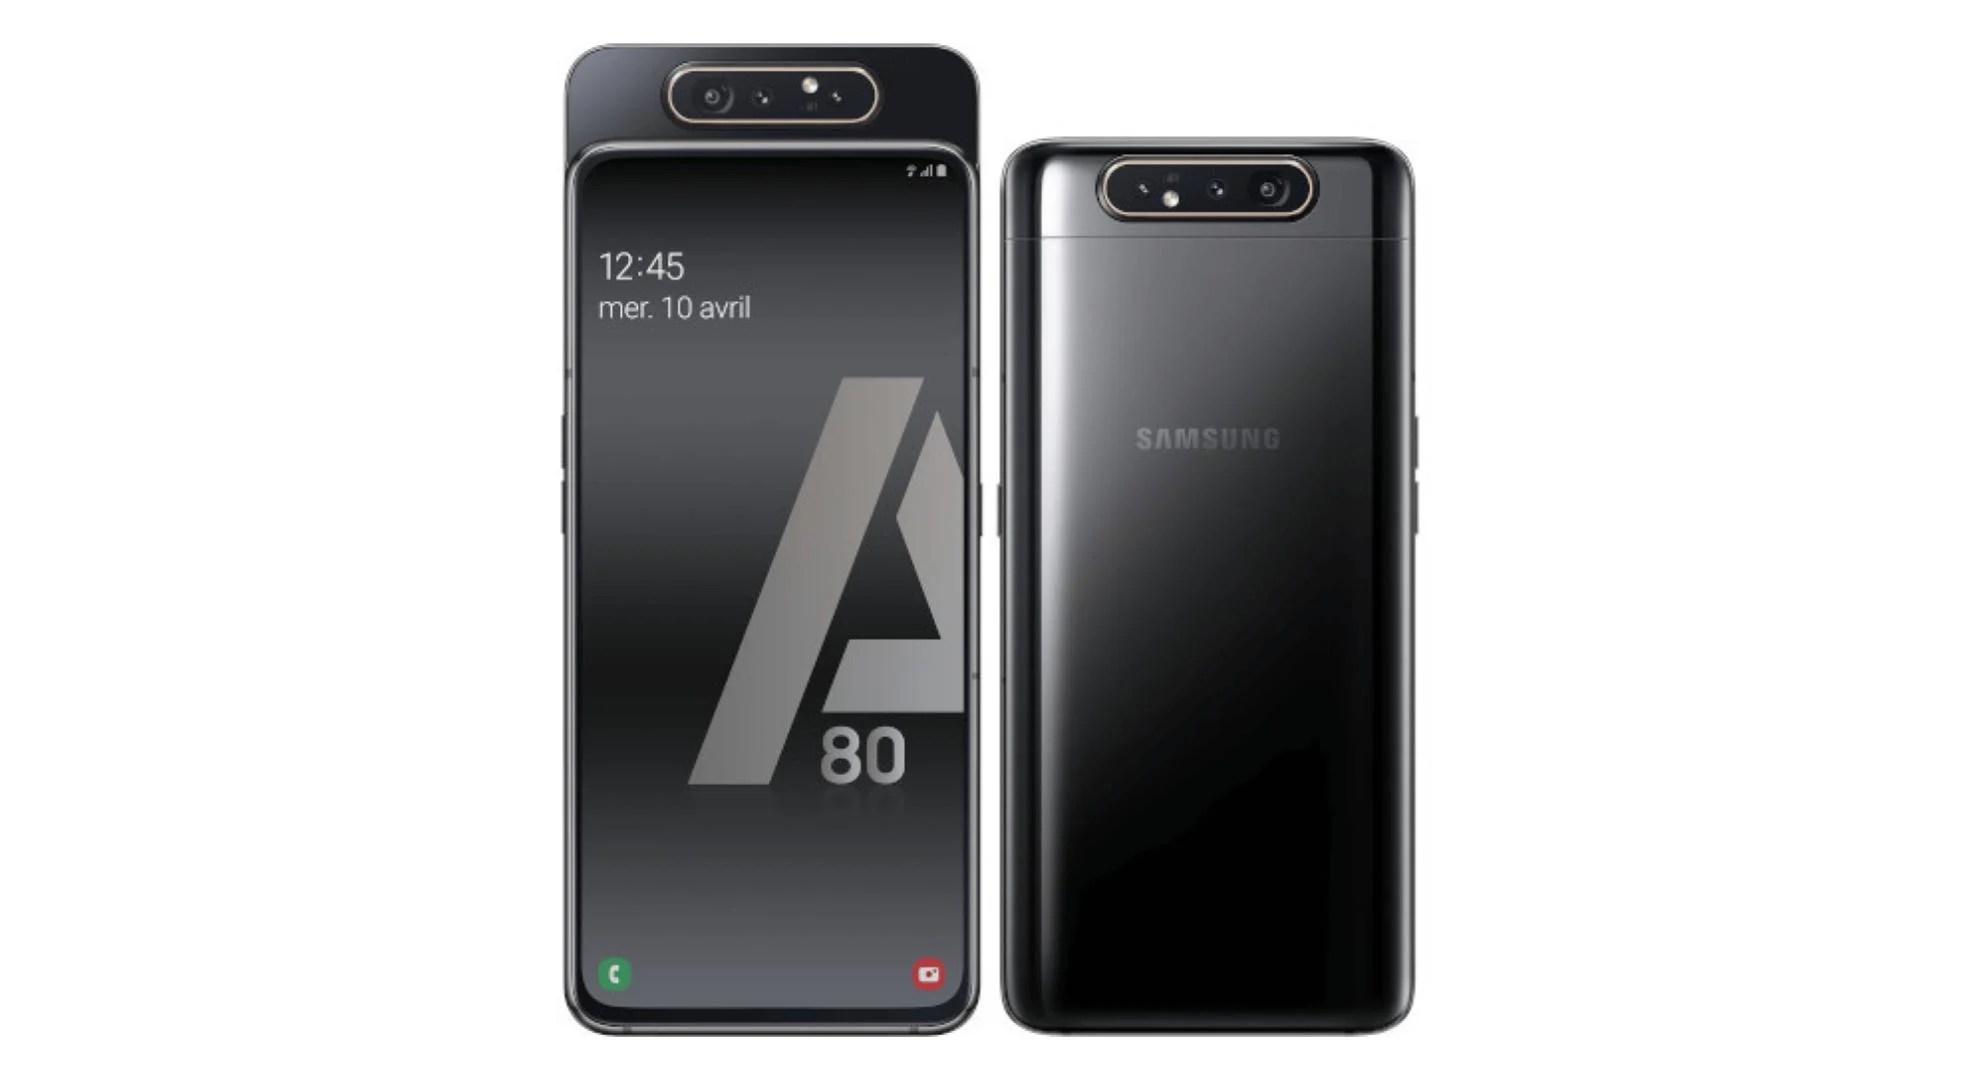 Le Samsung Galaxy A80 passe sous les 350 euros chez Cdiscount